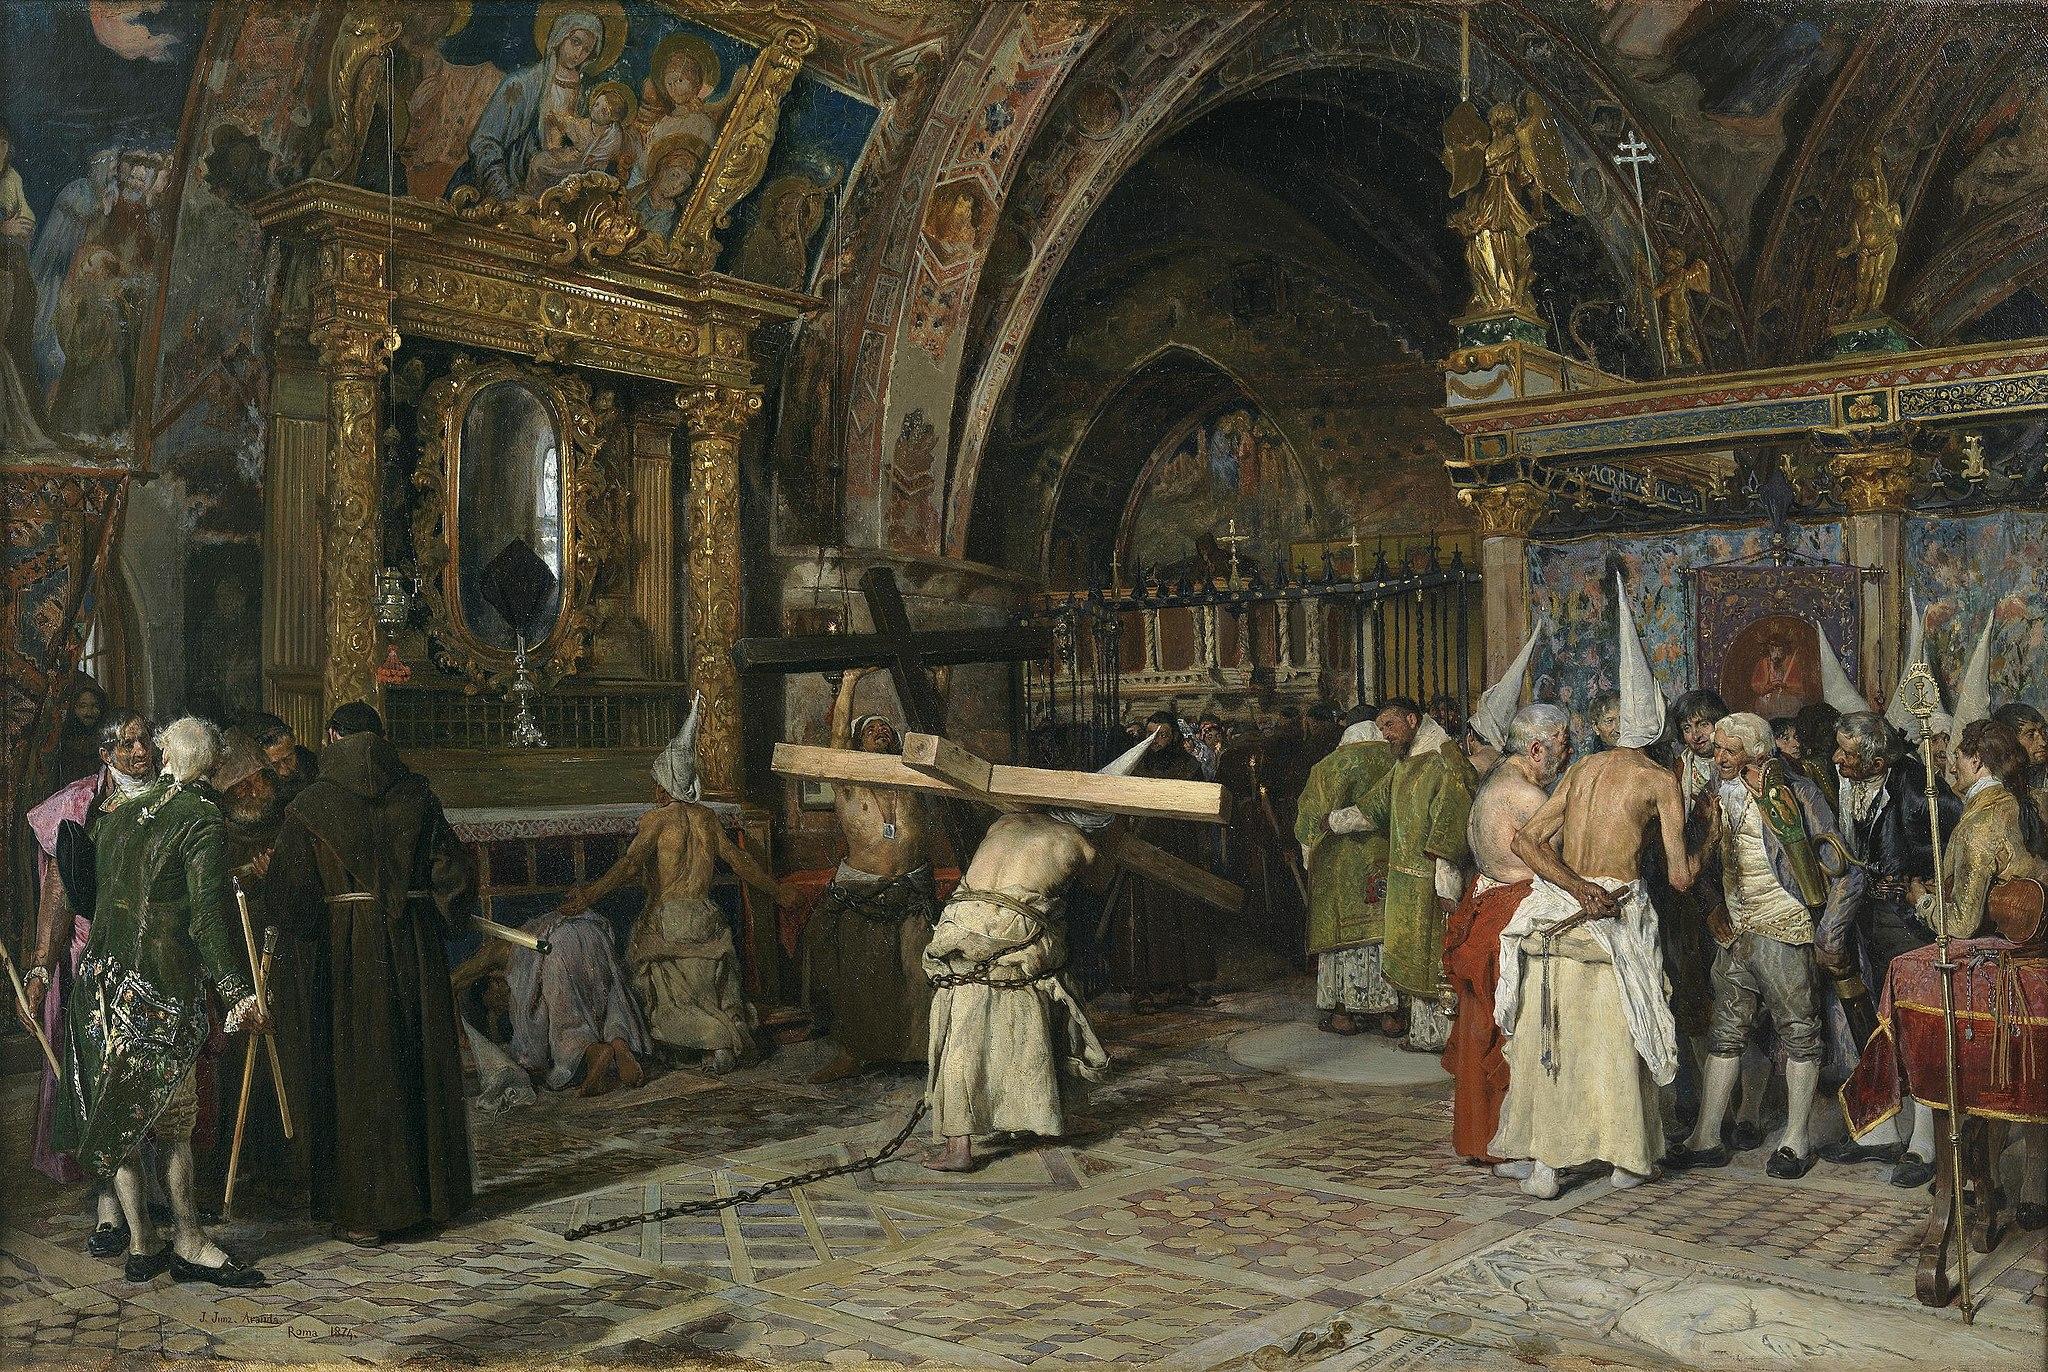 Penitentes en la Basílica Inferior de Asís, por José Jiménez Aranda